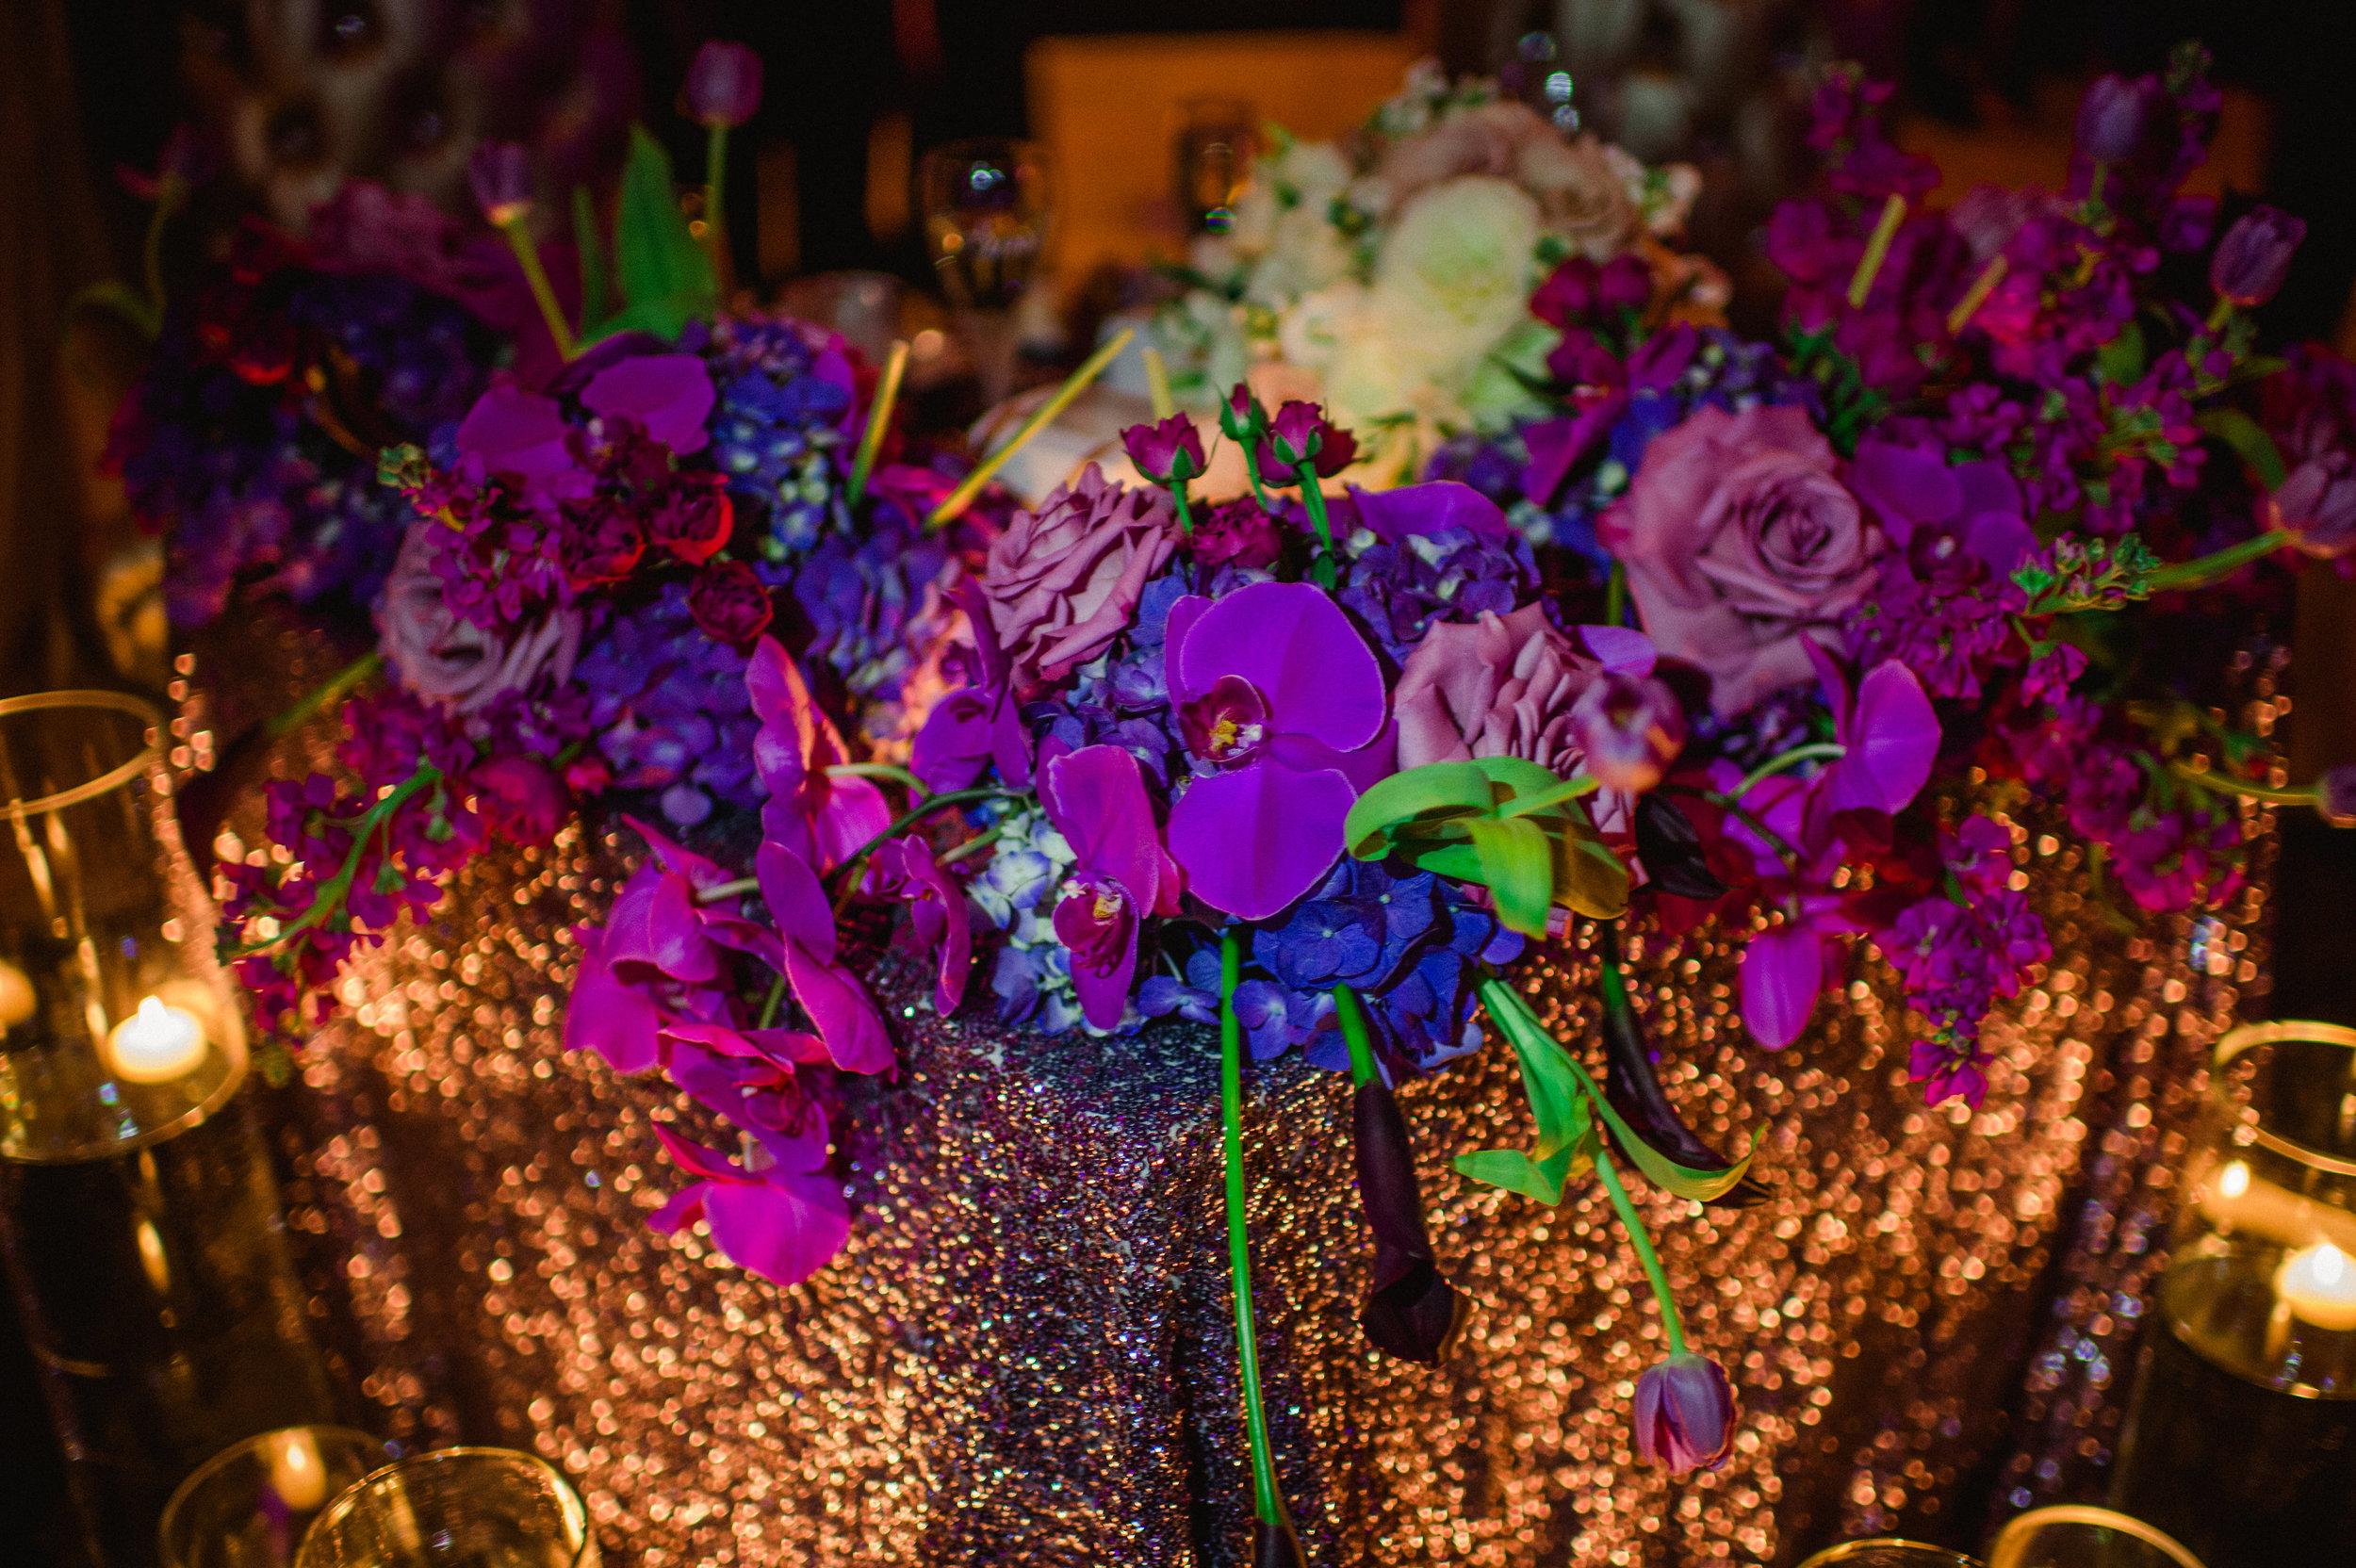 imani&chris|wedding|details-153.jpg